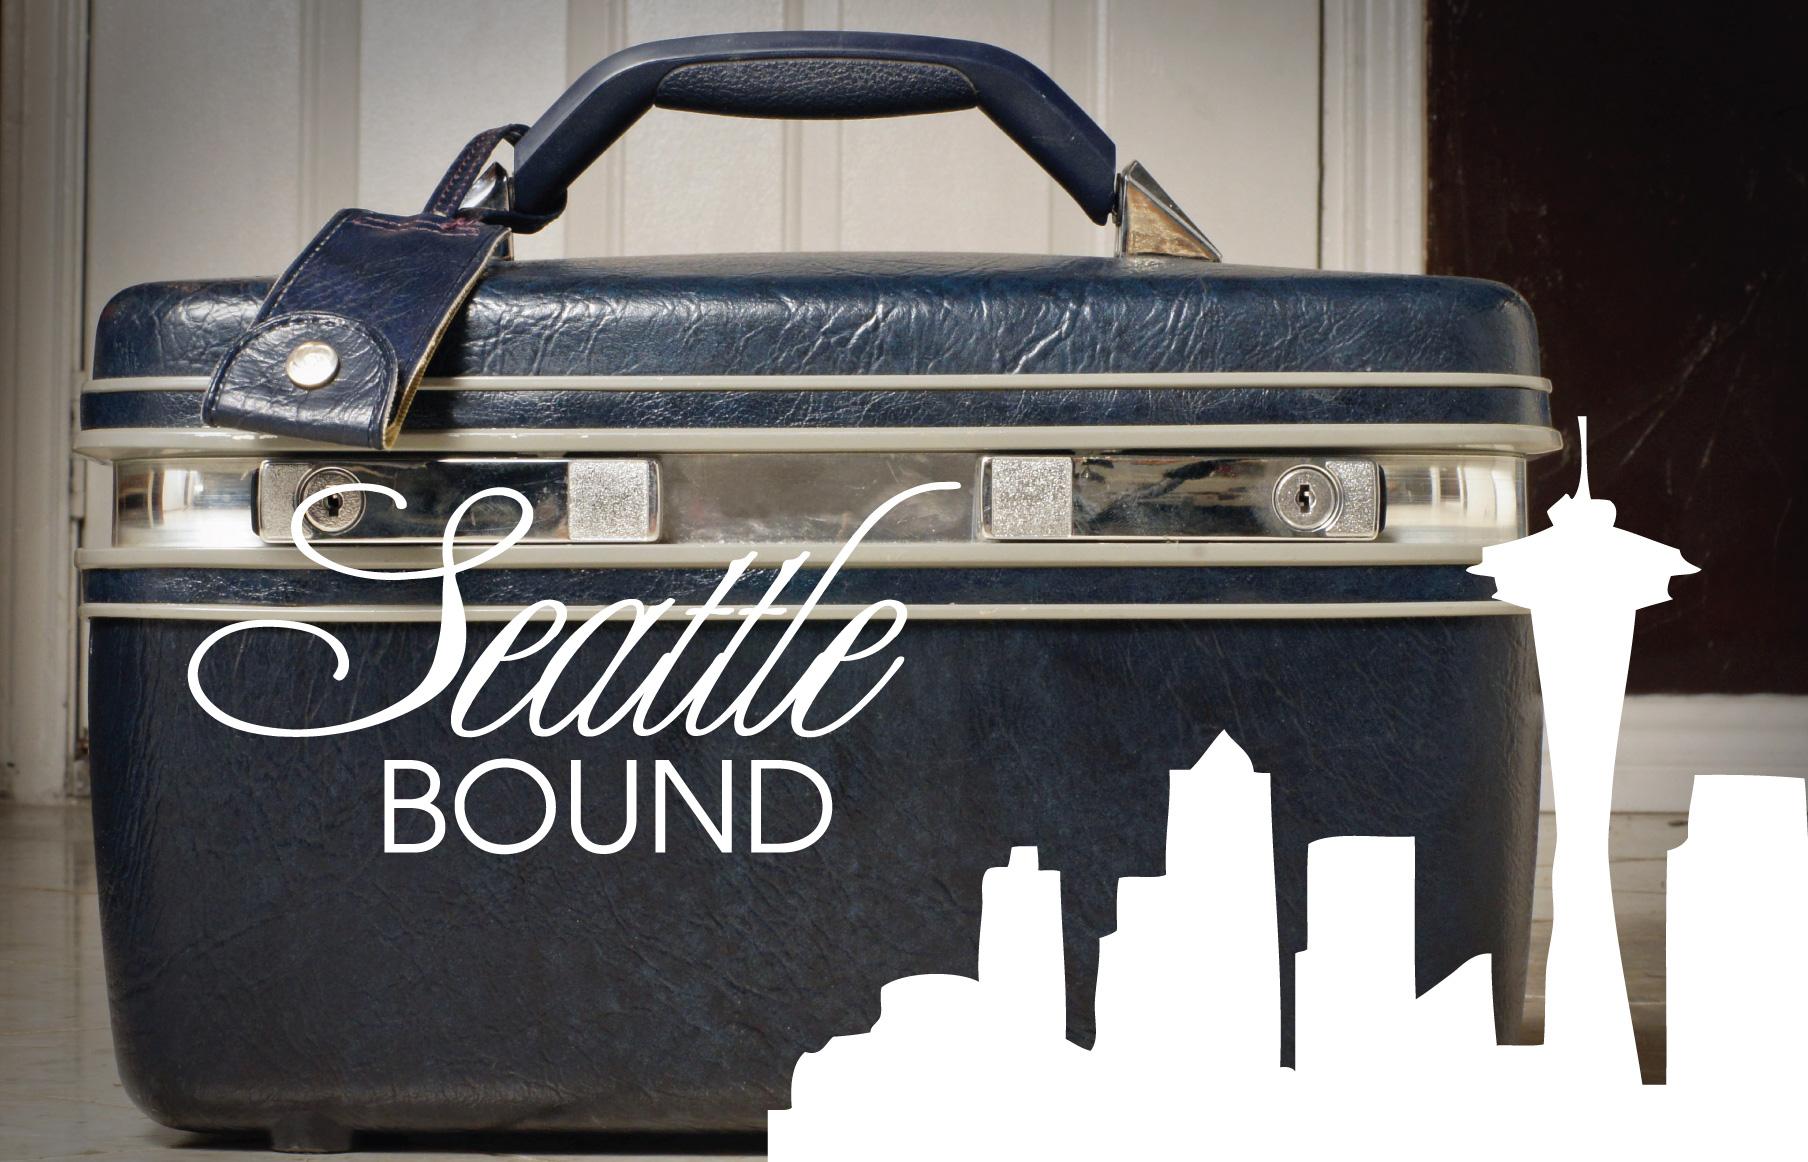 SEATTLE-BOUND.jpg